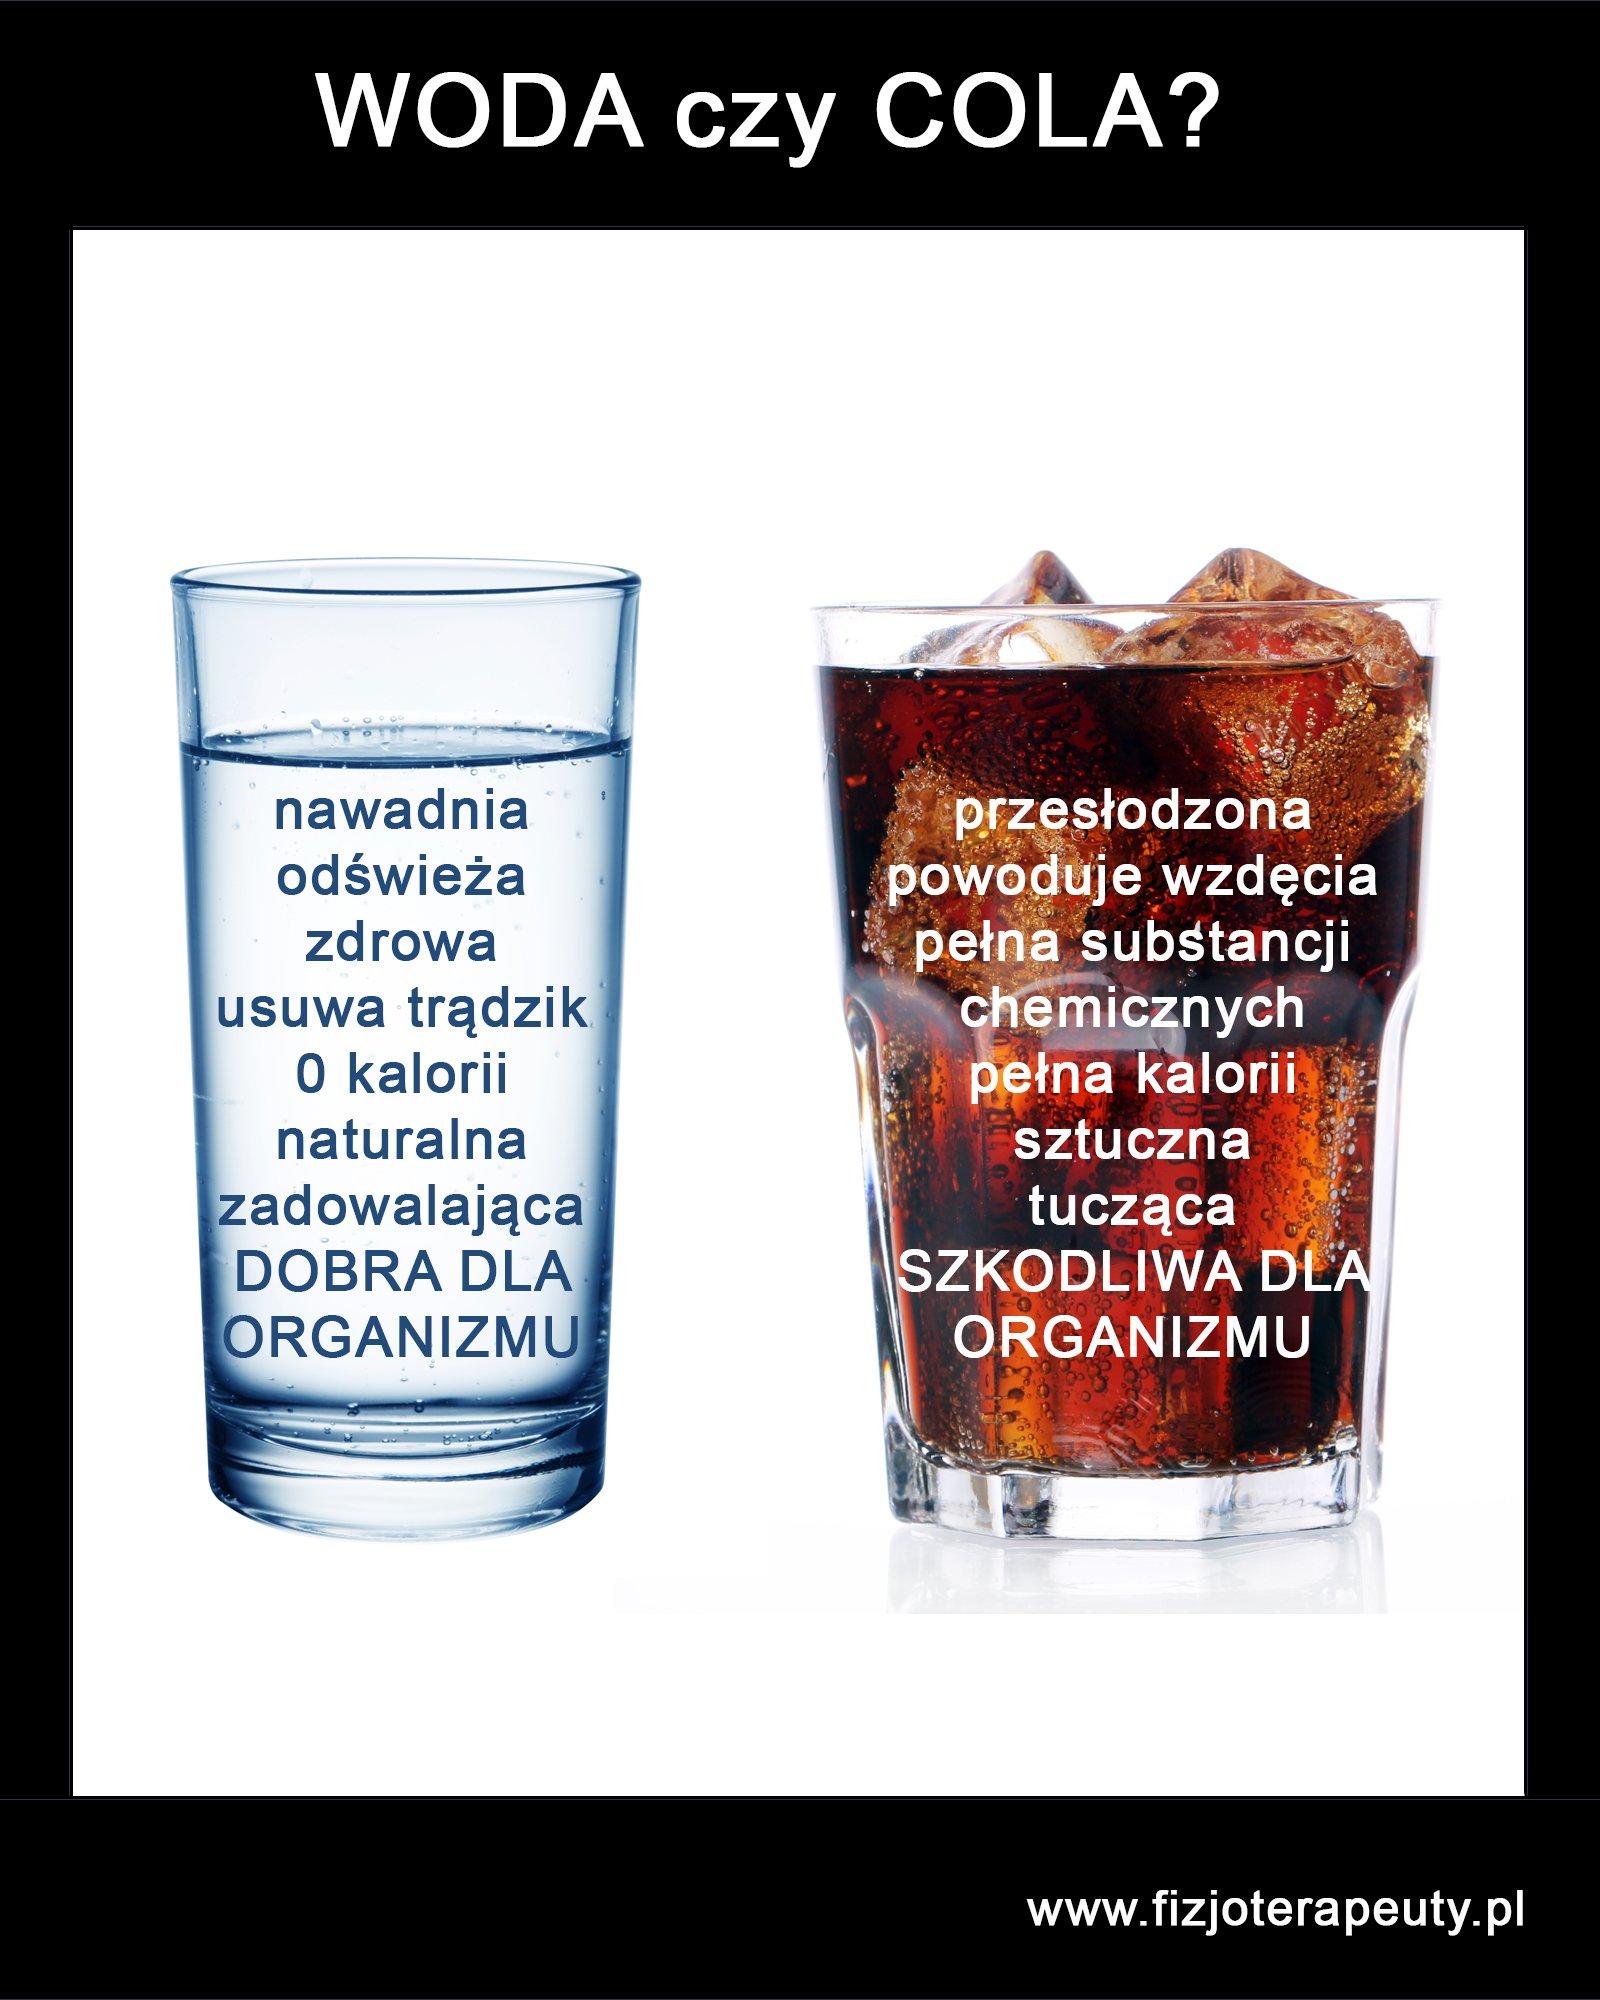 woda czy soda